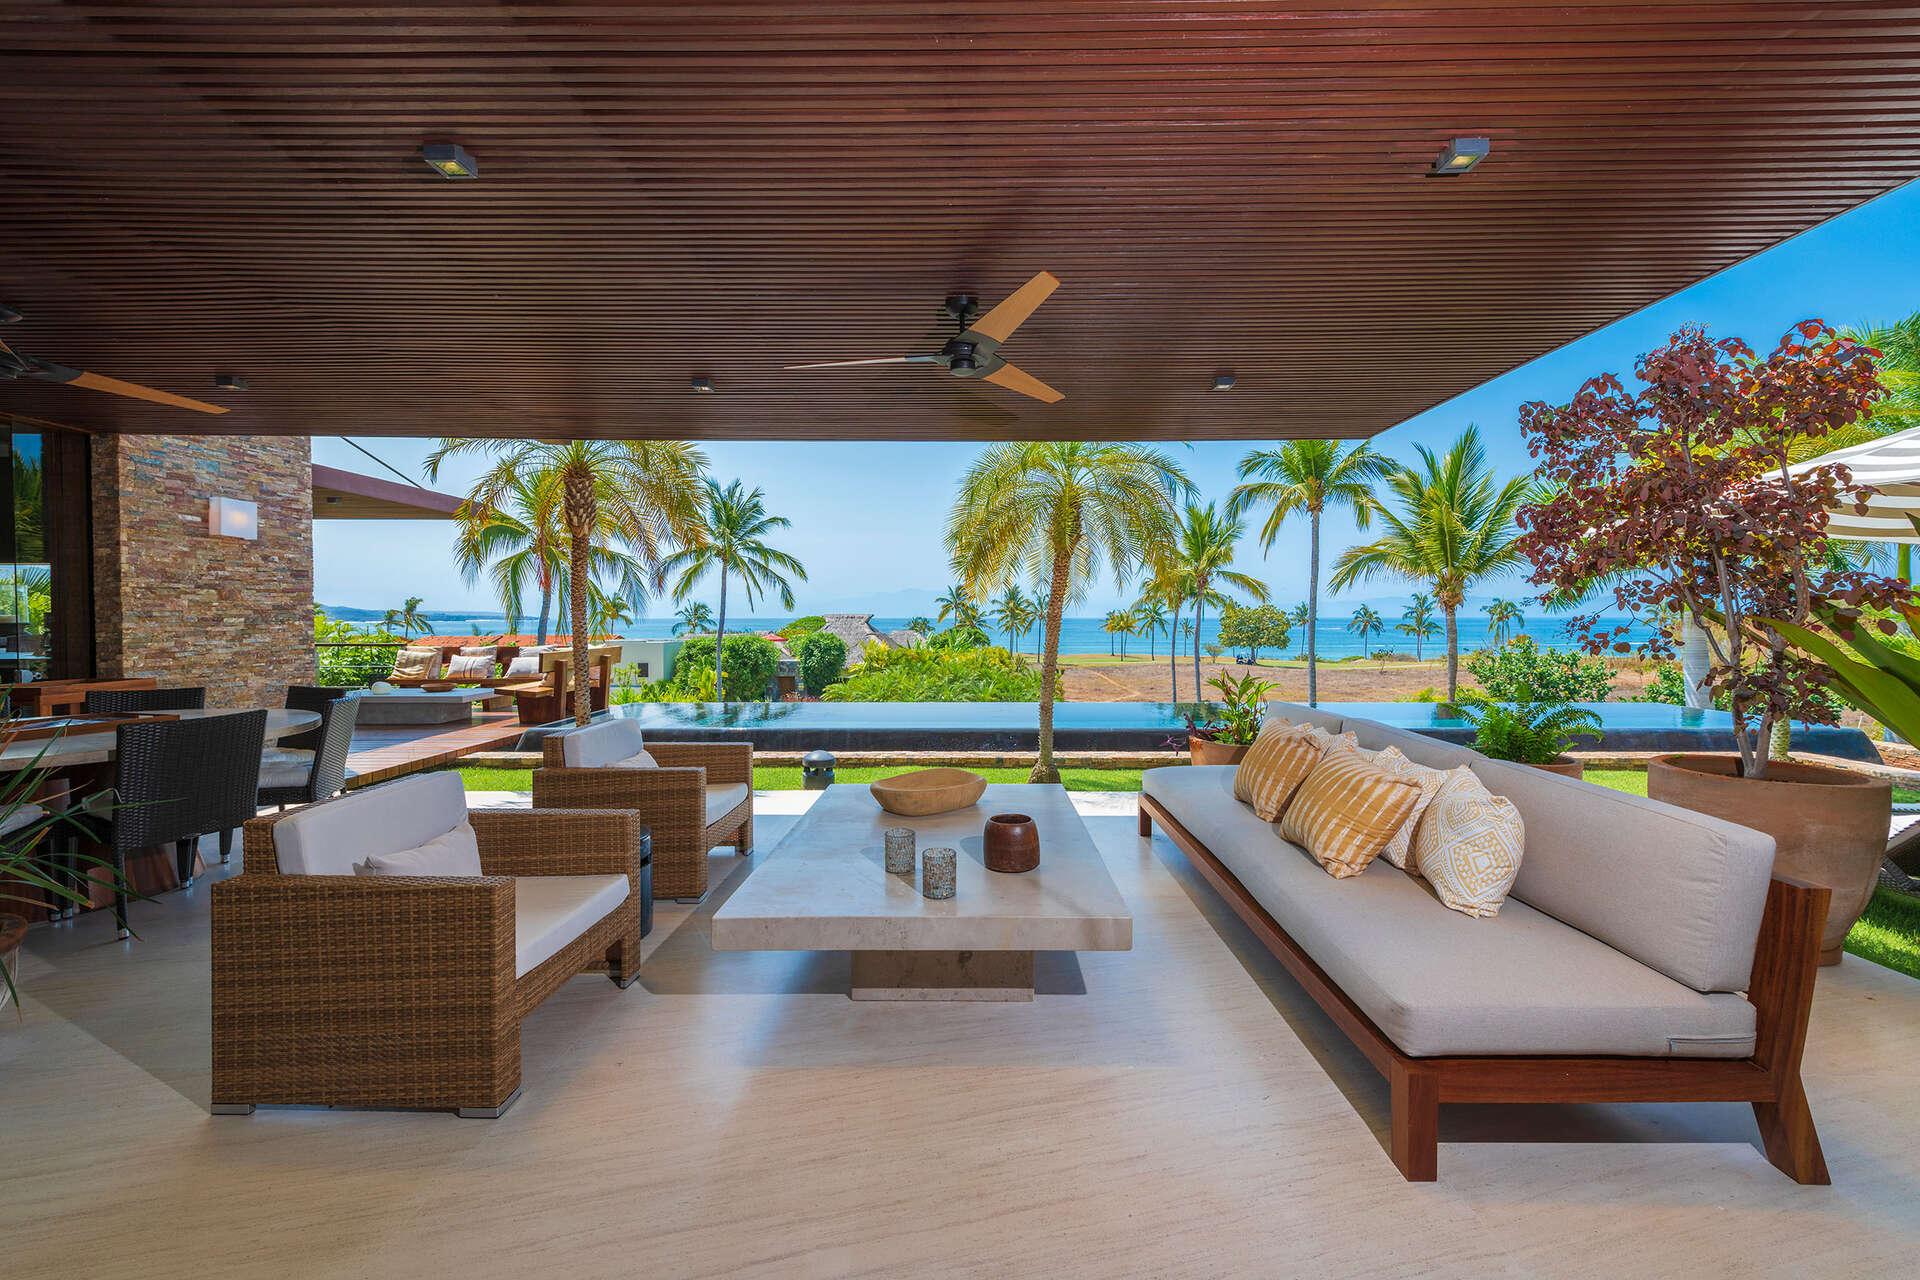 Luxury vacation rentals mexico - Punta mita - Lagos delmar - No location 4 - Casa Herradura - Image 1/29